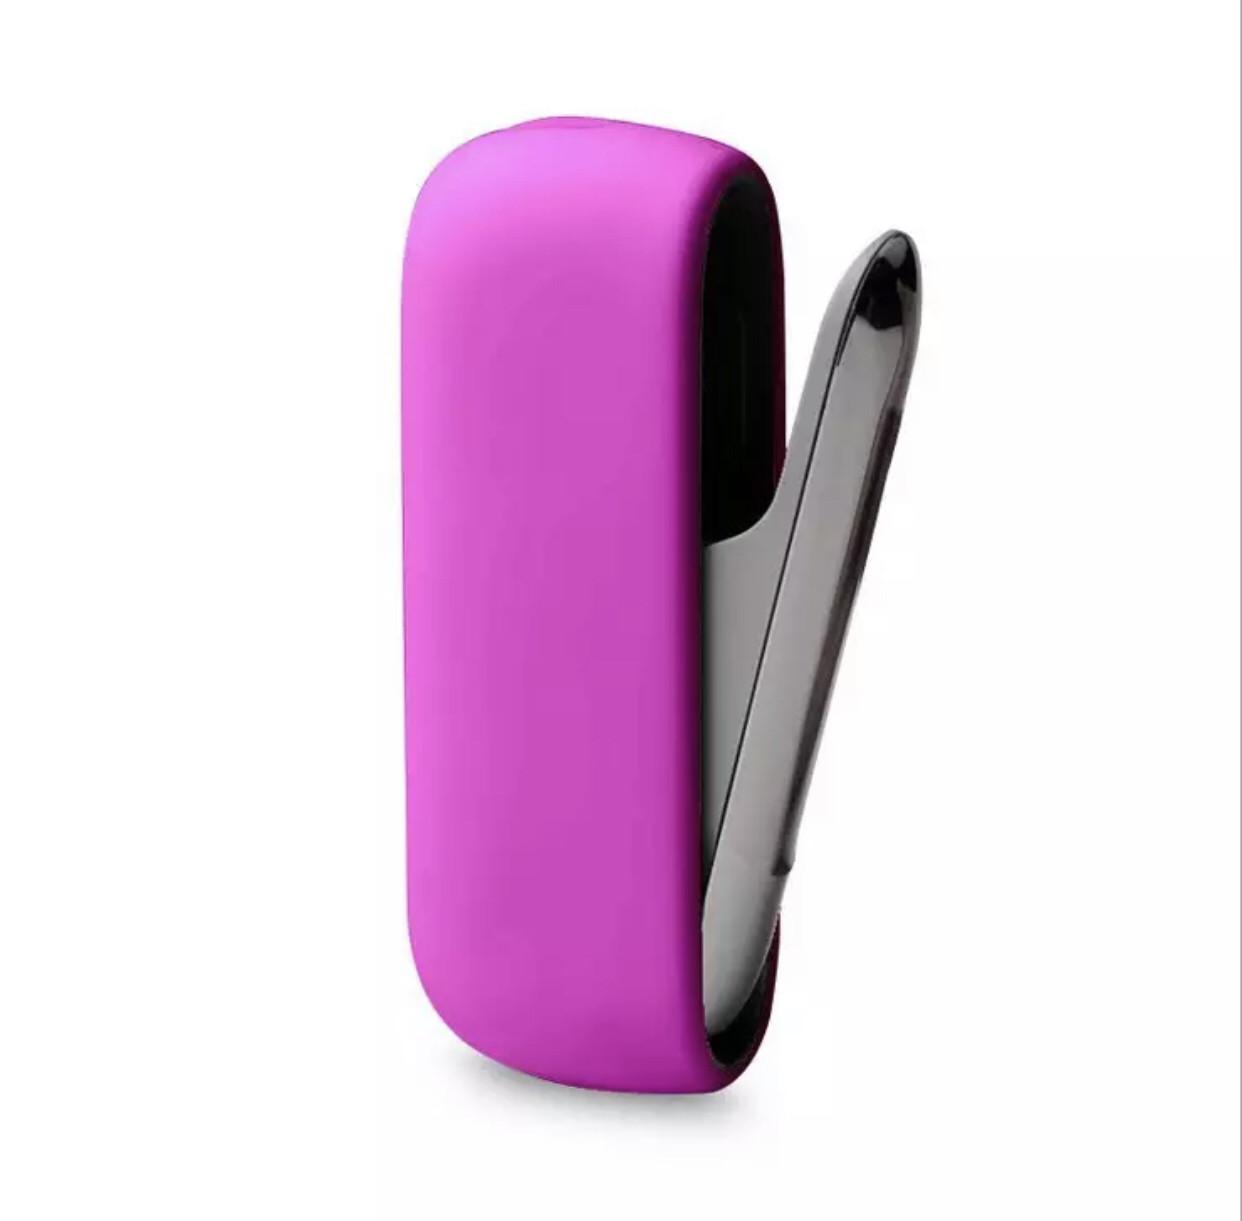 Чехол для IQOS 3 силиконовый, crazy pink